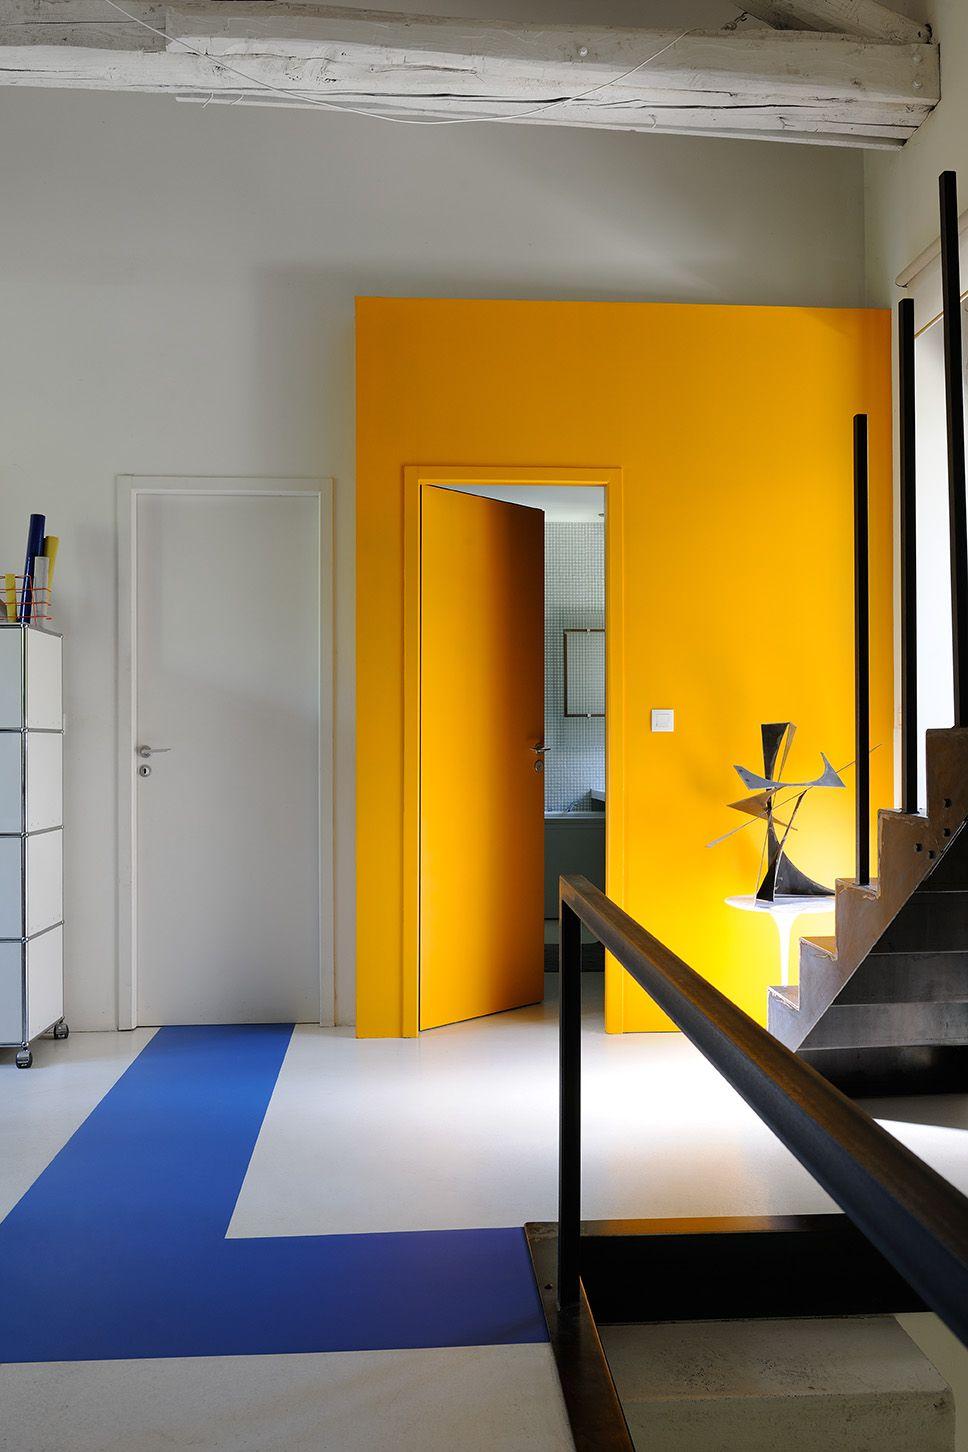 Peindre Une Porte D Une Couleur Vive Peut Permettre D Agrandir Une Piece Zolpan Peinture Jaune Bleu Entre Decoration Interieure Meuble Terrasse Decoration